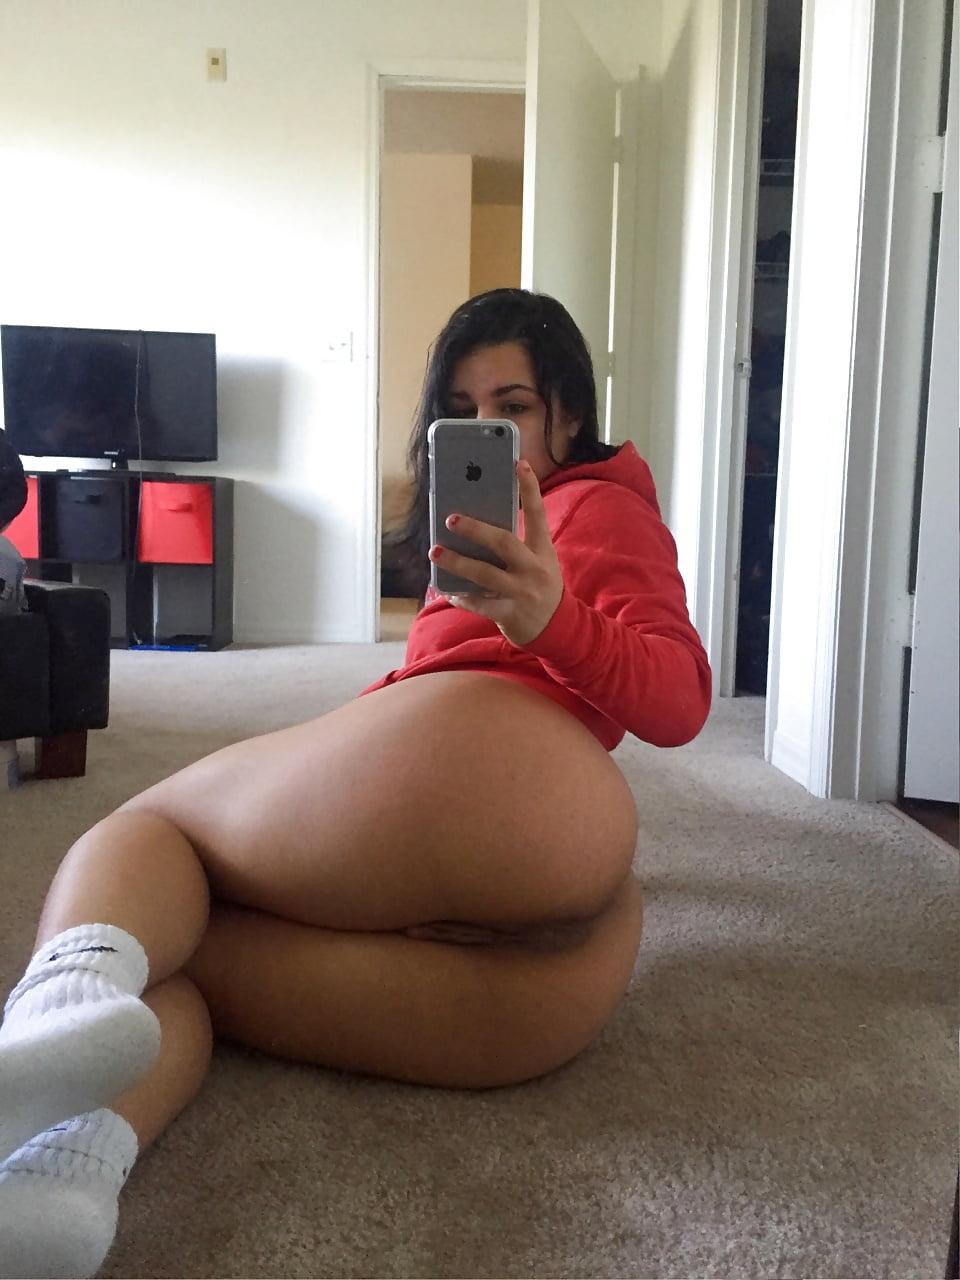 Naked big booty teen selfie butt lesbian clips